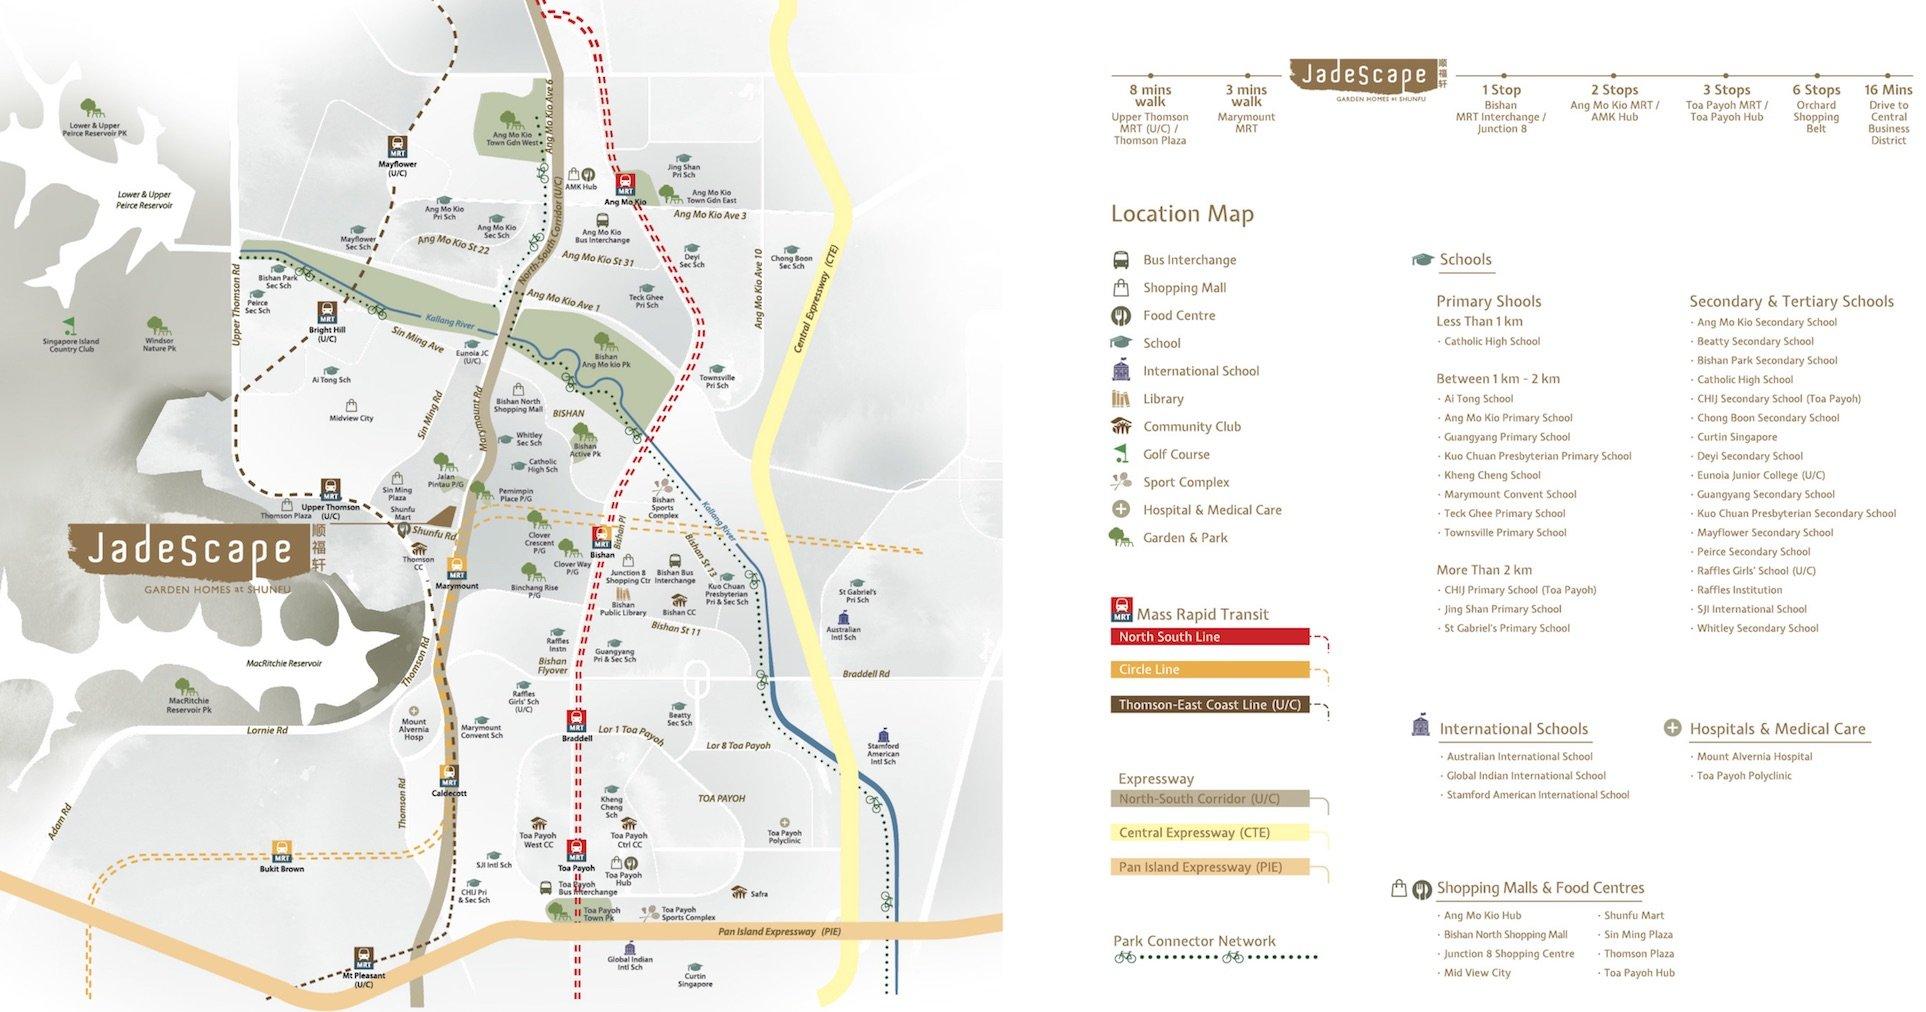 Jadescape 顺福轩 condo location map